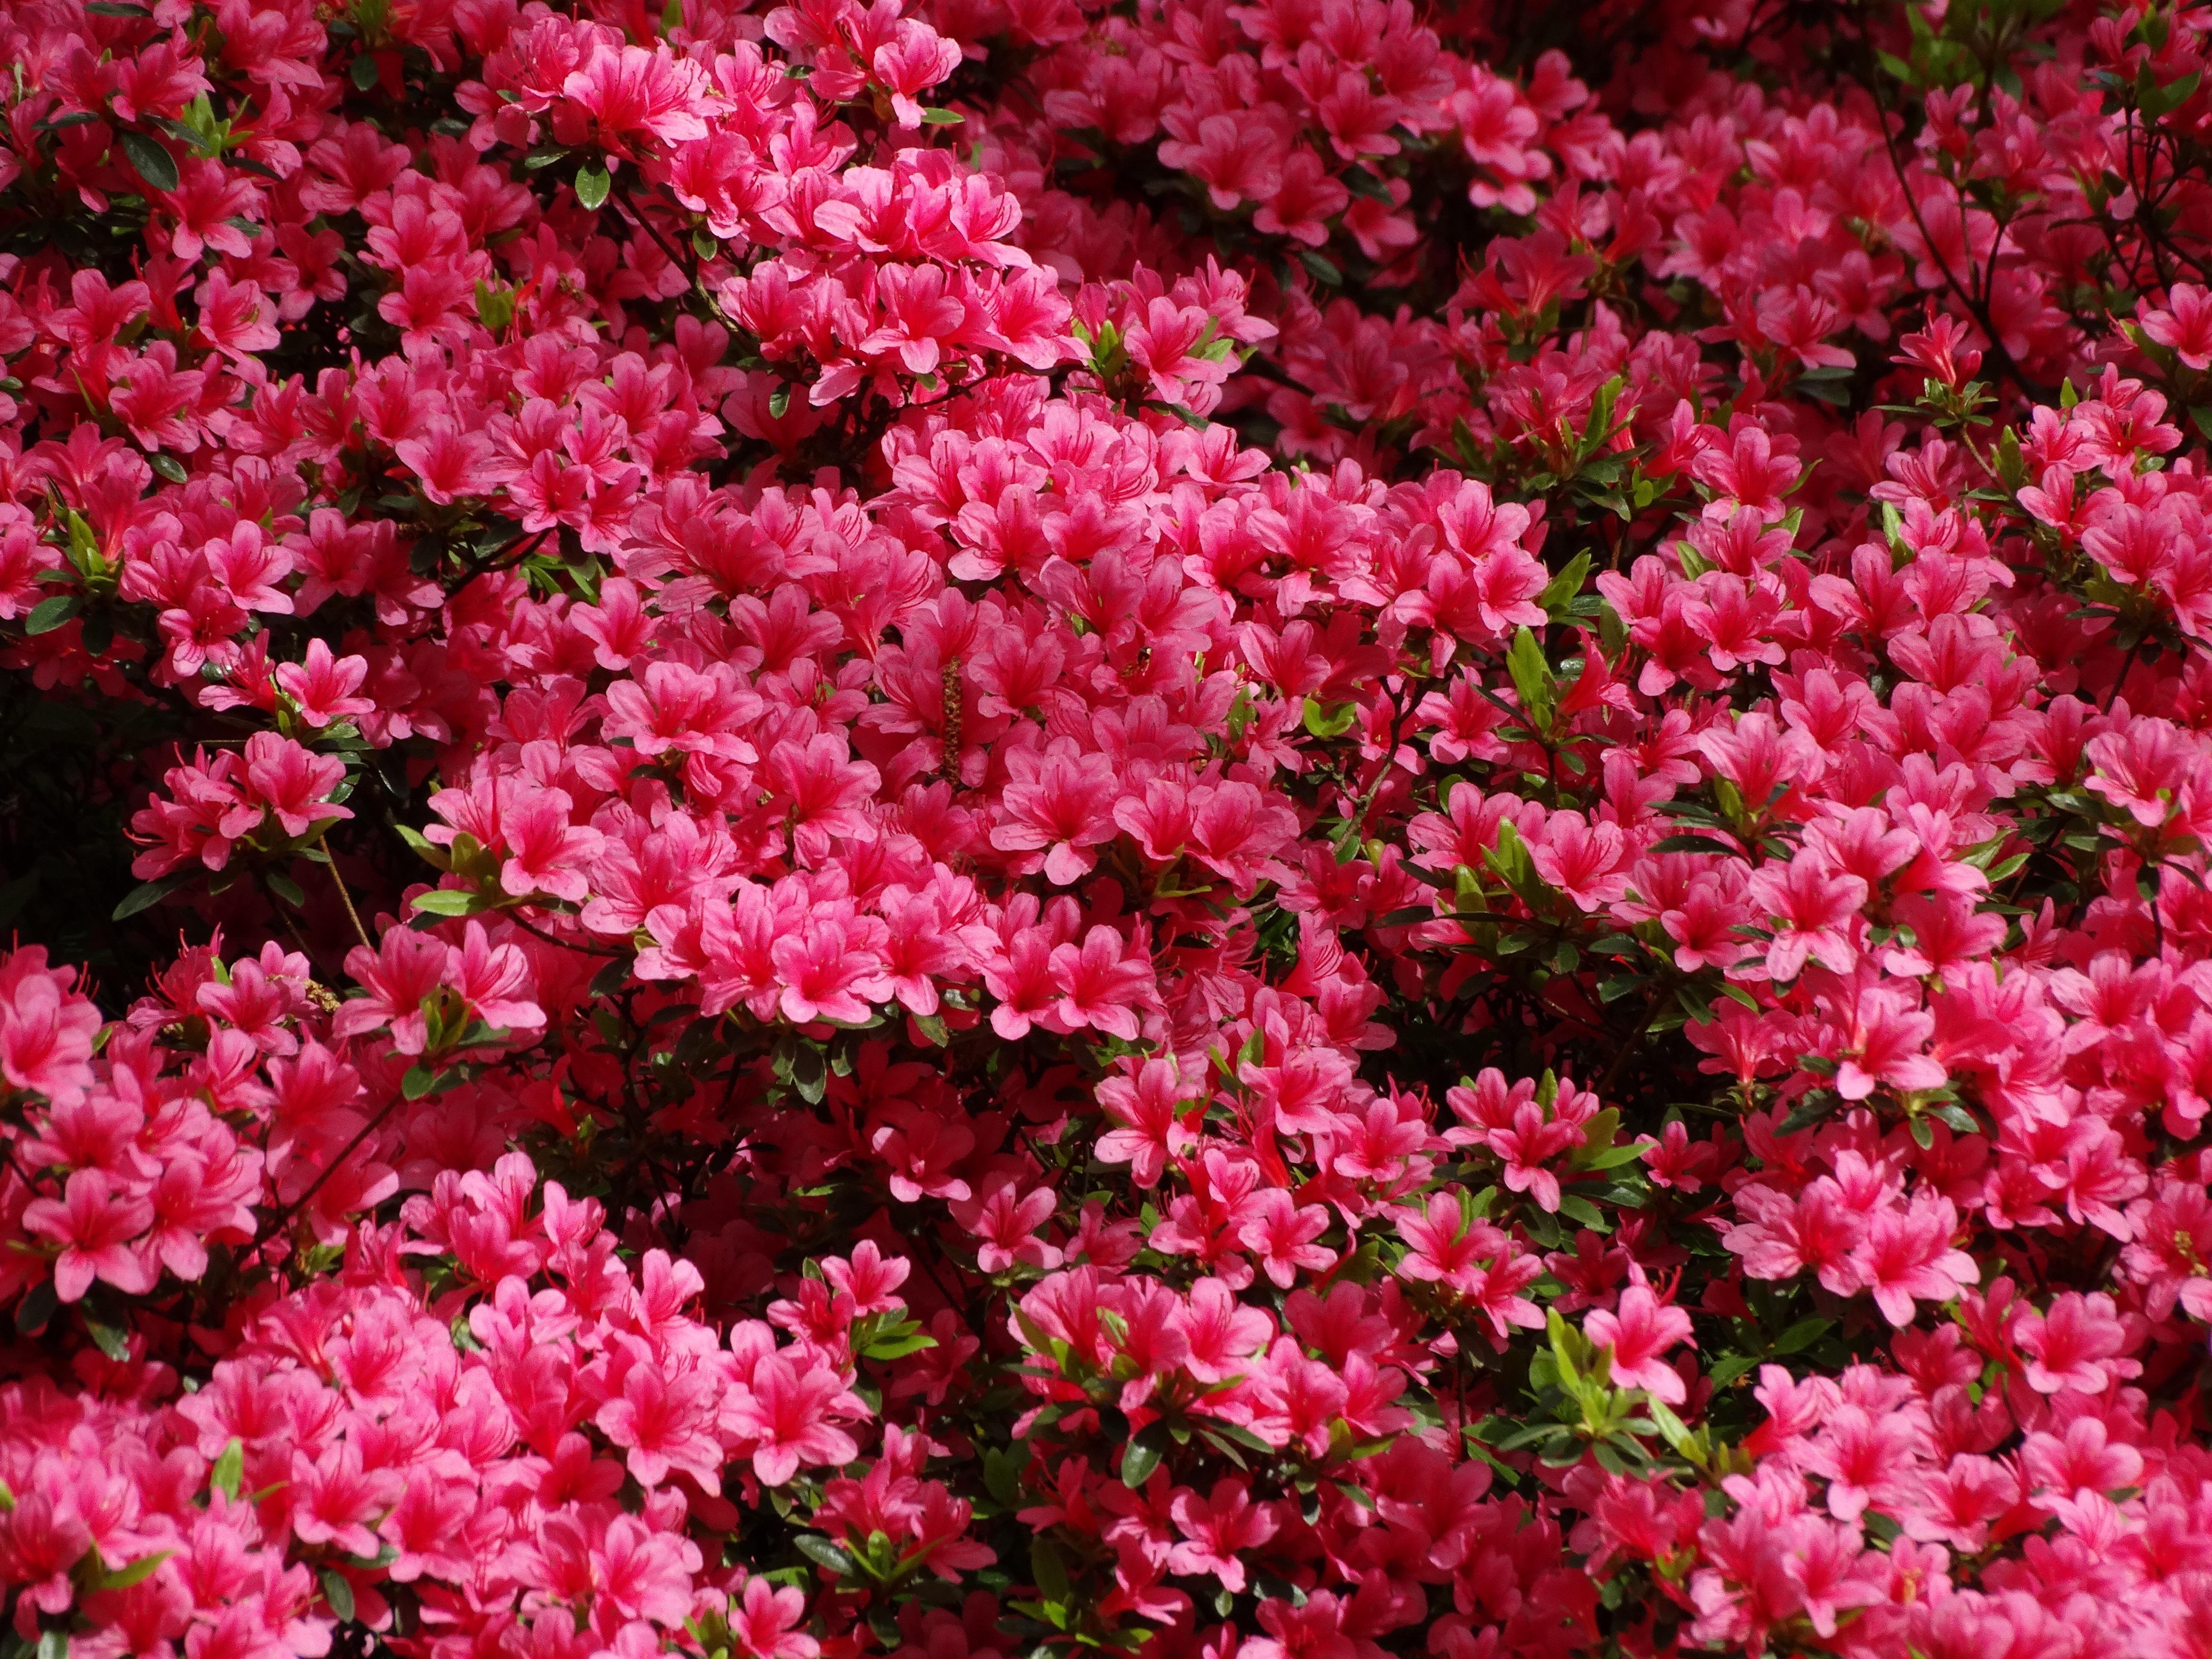 найти куст с розовыми цветочками фото бузова перешла